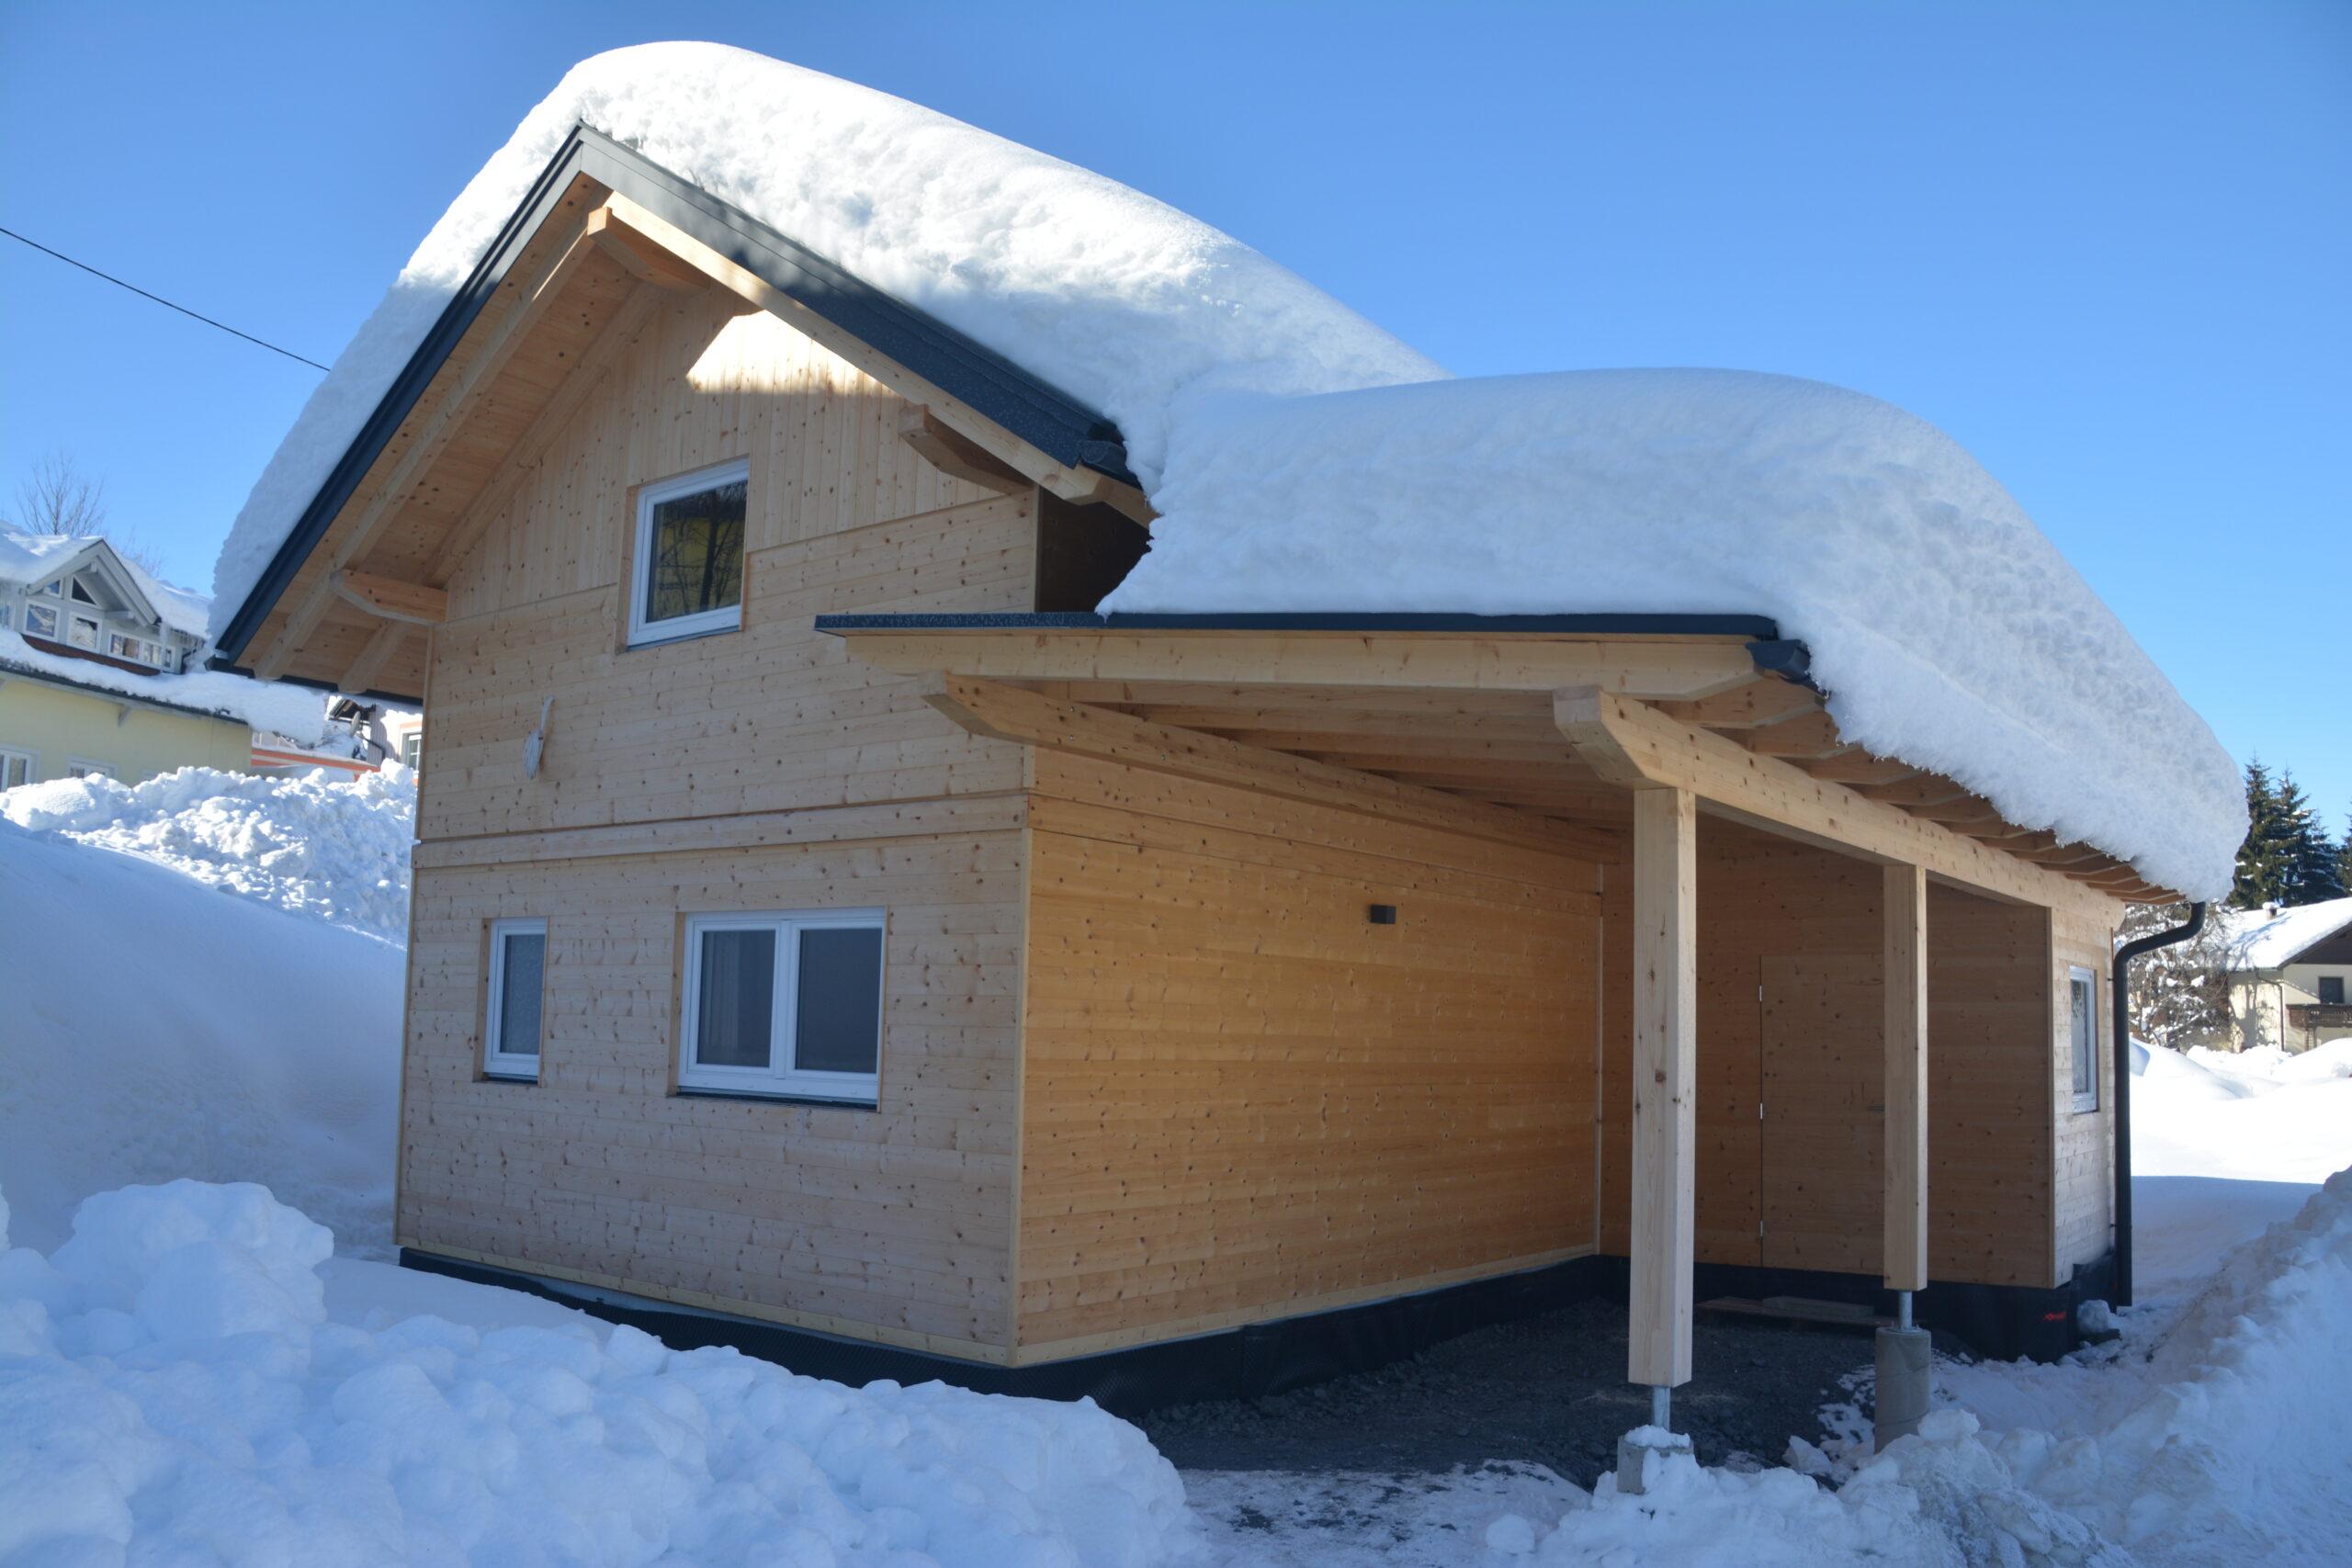 dijkstra's cottage buitenaanzicht 5